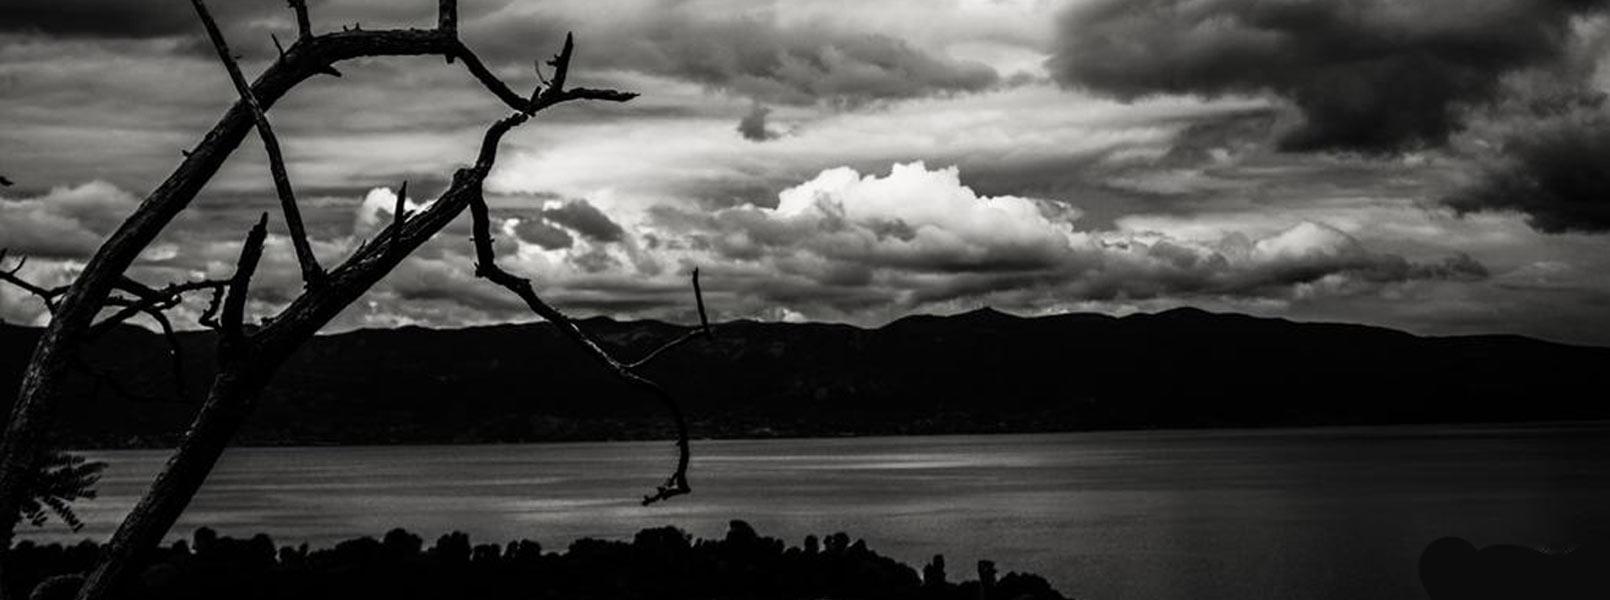 Gloomy_W.jpg